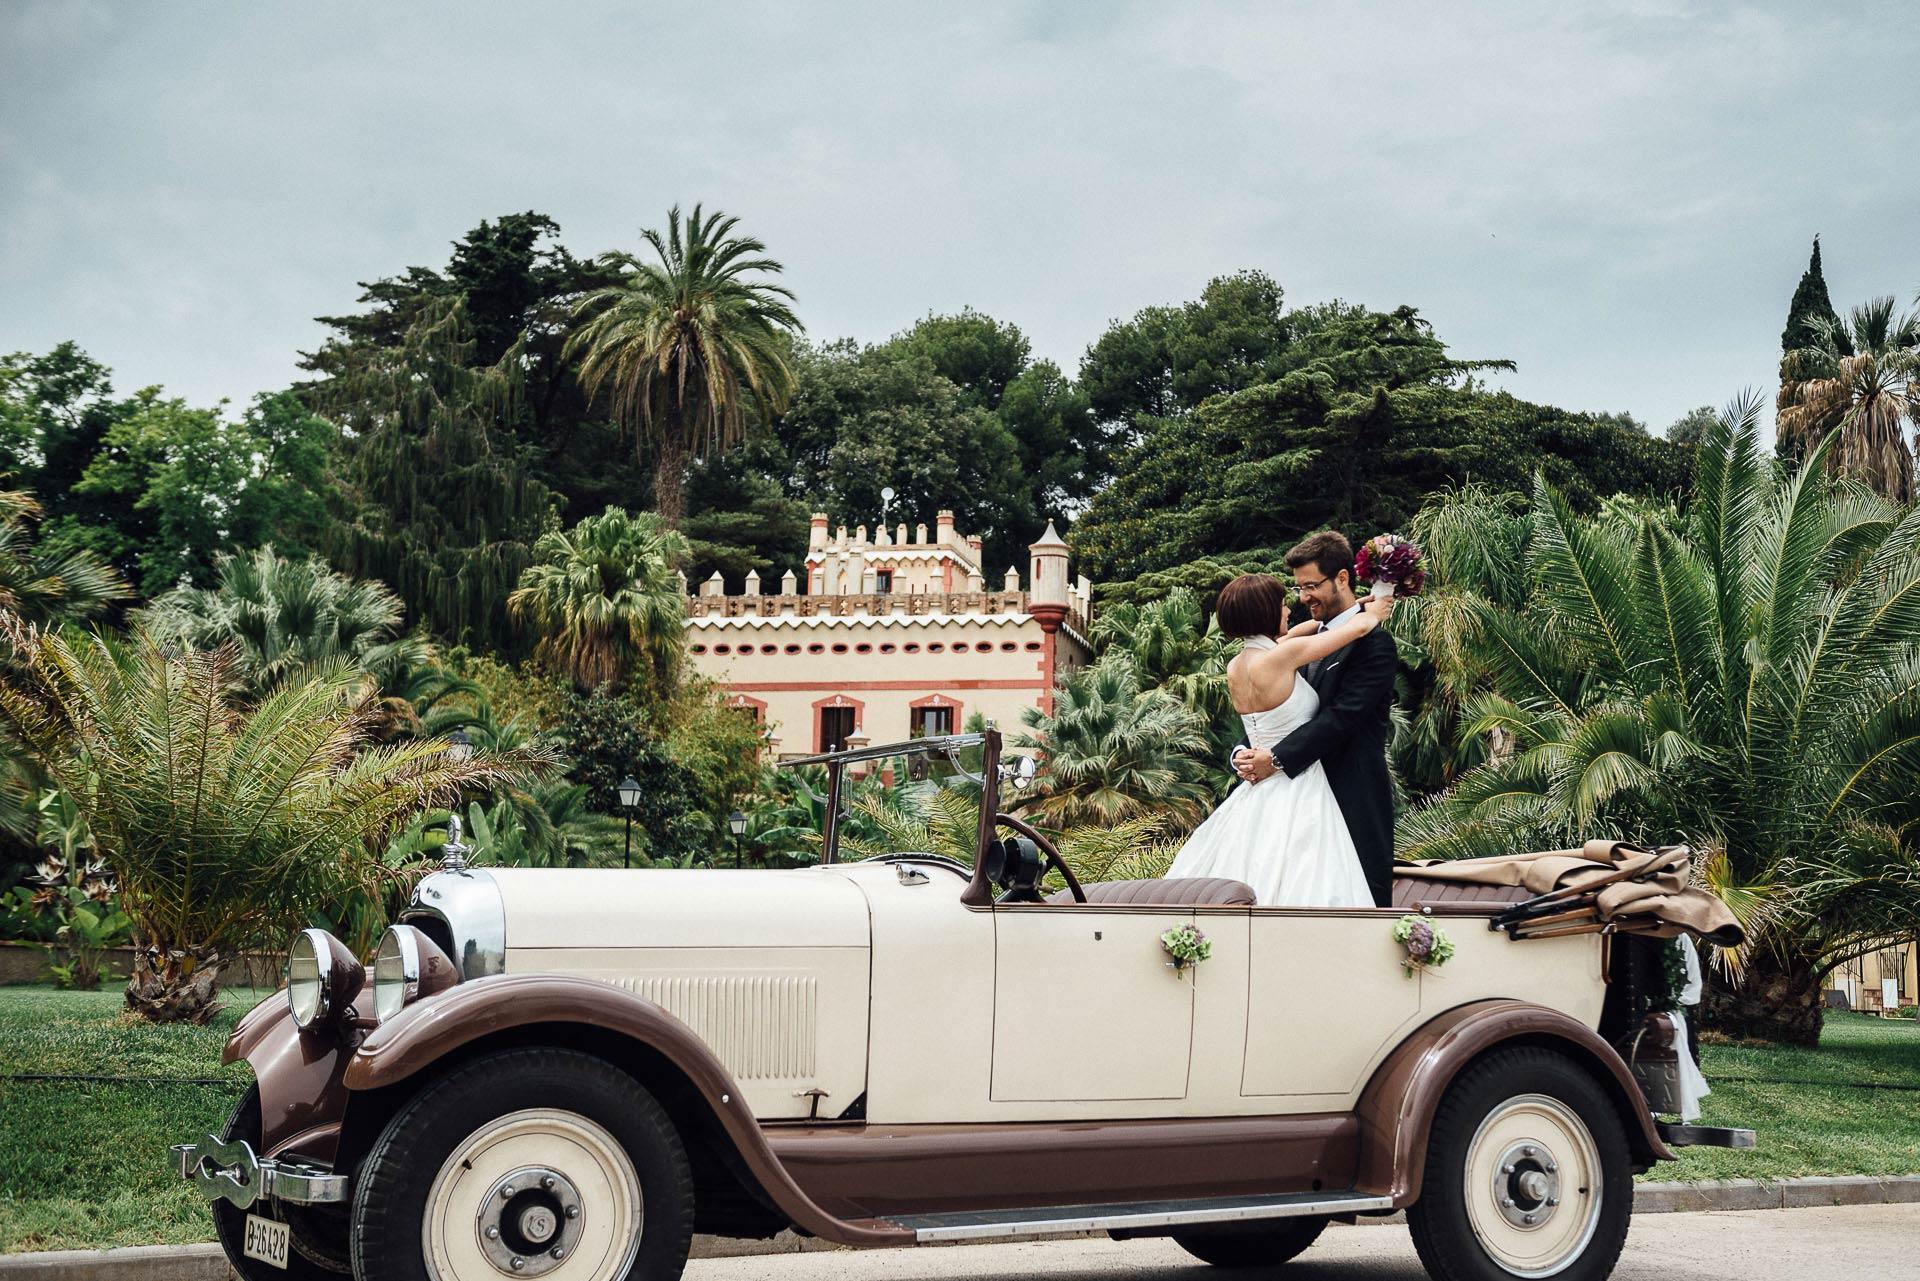 Hotel Villa Retiro eventos especiales bodas bautizos empersa Ebre Xerta